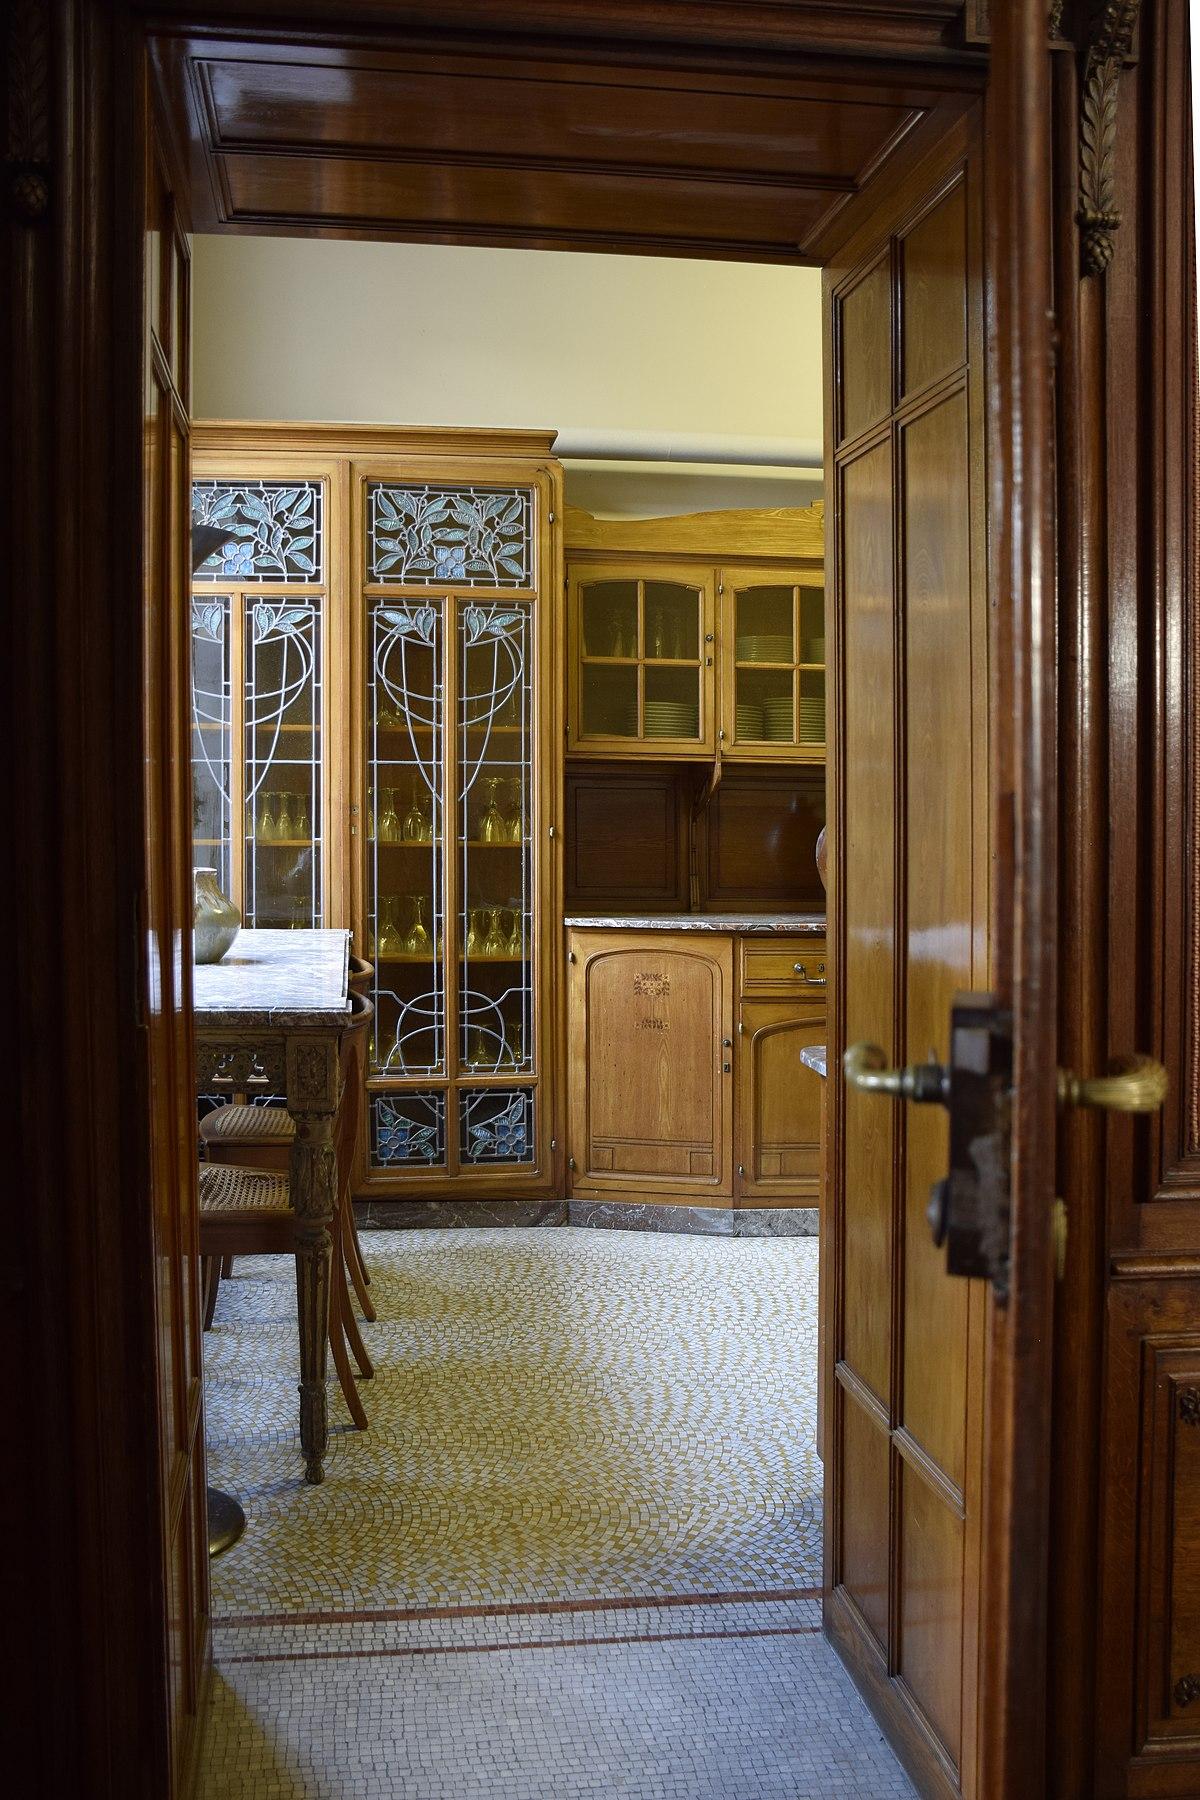 Maison De La Salle file:maison leon losseau - cuisine - vue depuis la salle a